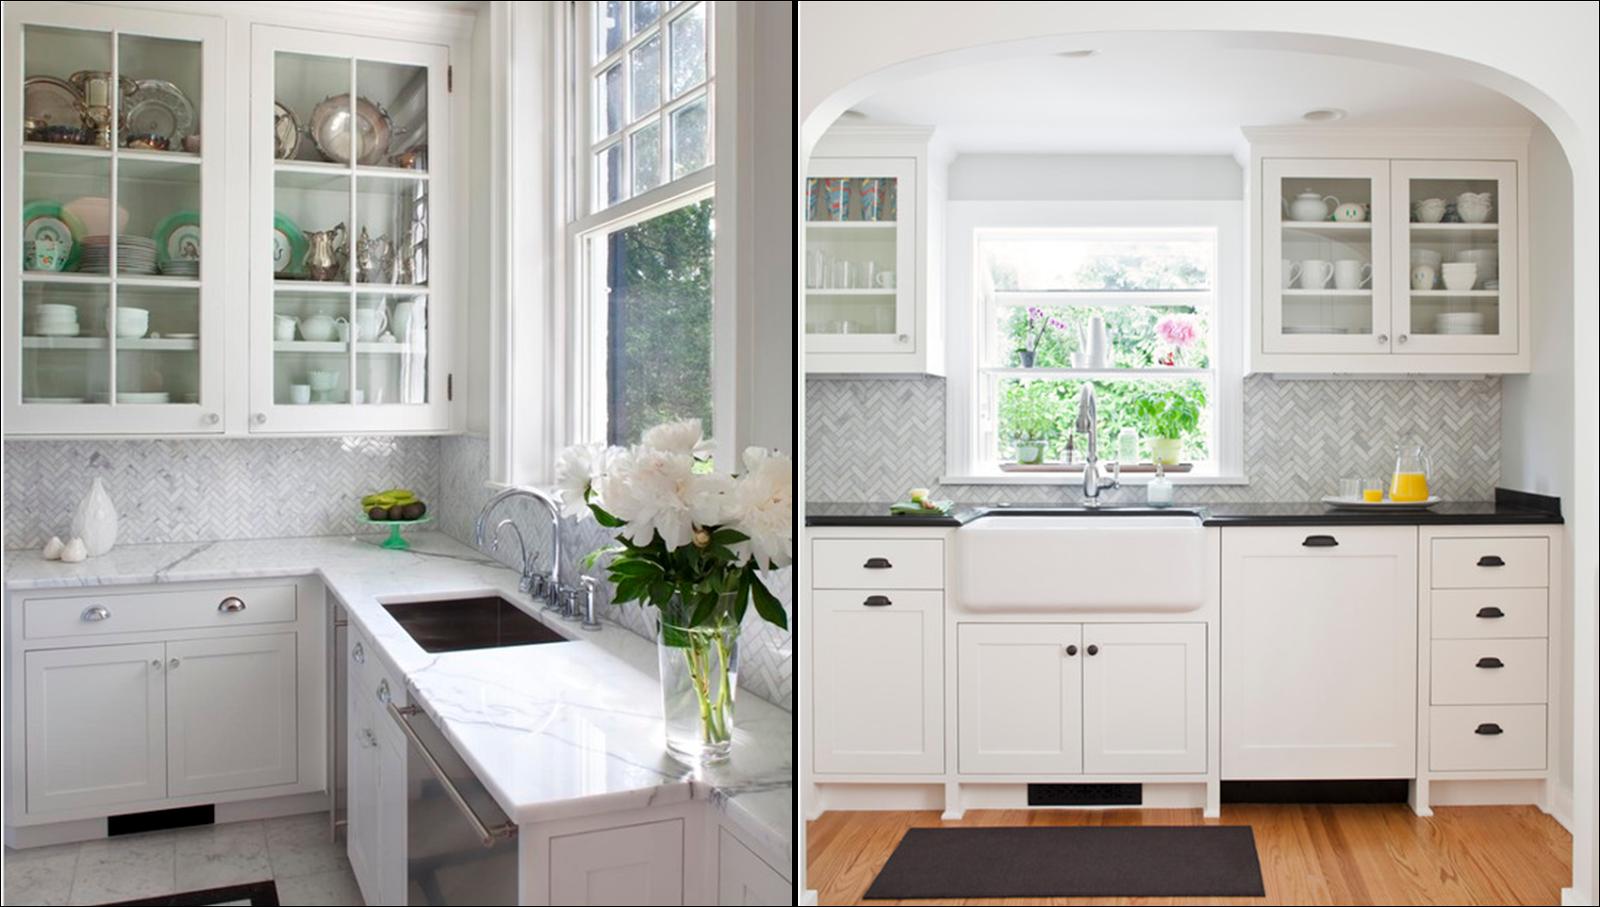 My Dream Kitchen Fashionandstylepolice: {Jessica Stout Design}: Getting My Dream Kitchen.....Kind Of